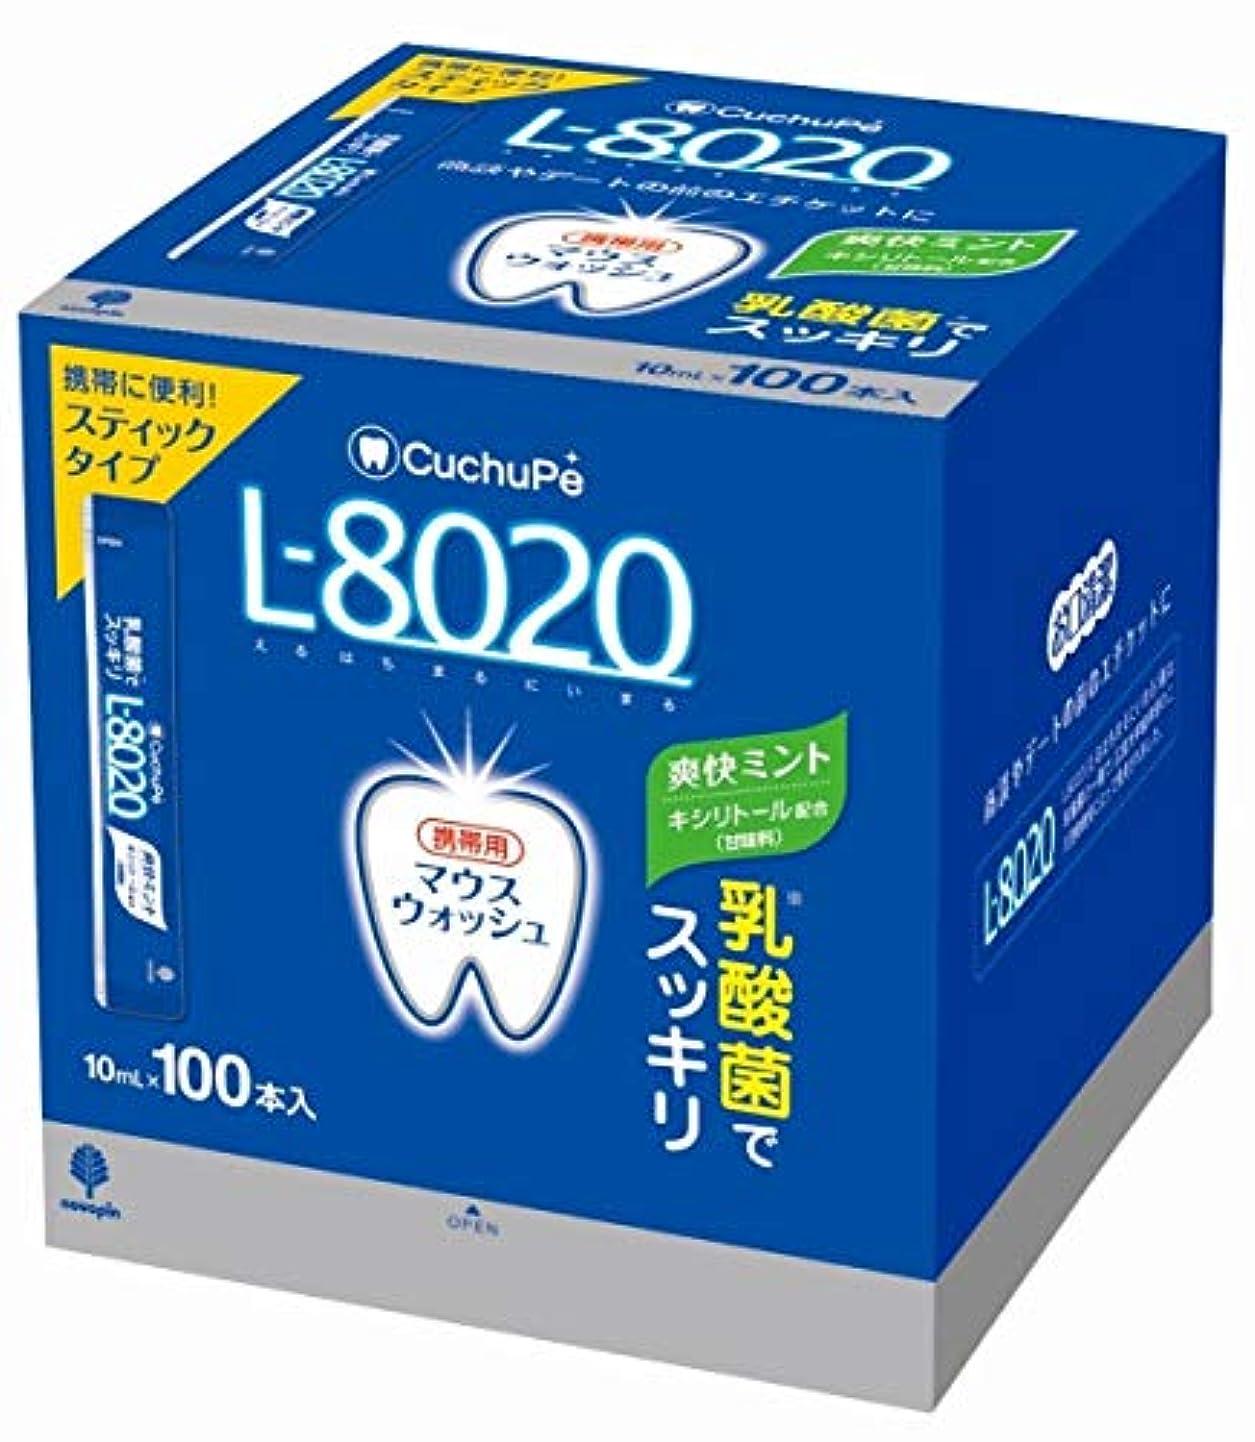 興味訴える降ろす日本製 made in japan クチュッペL-8020 爽快ミント スティックタイプ100本入(アルコール) K-7091【まとめ買い10個セット】